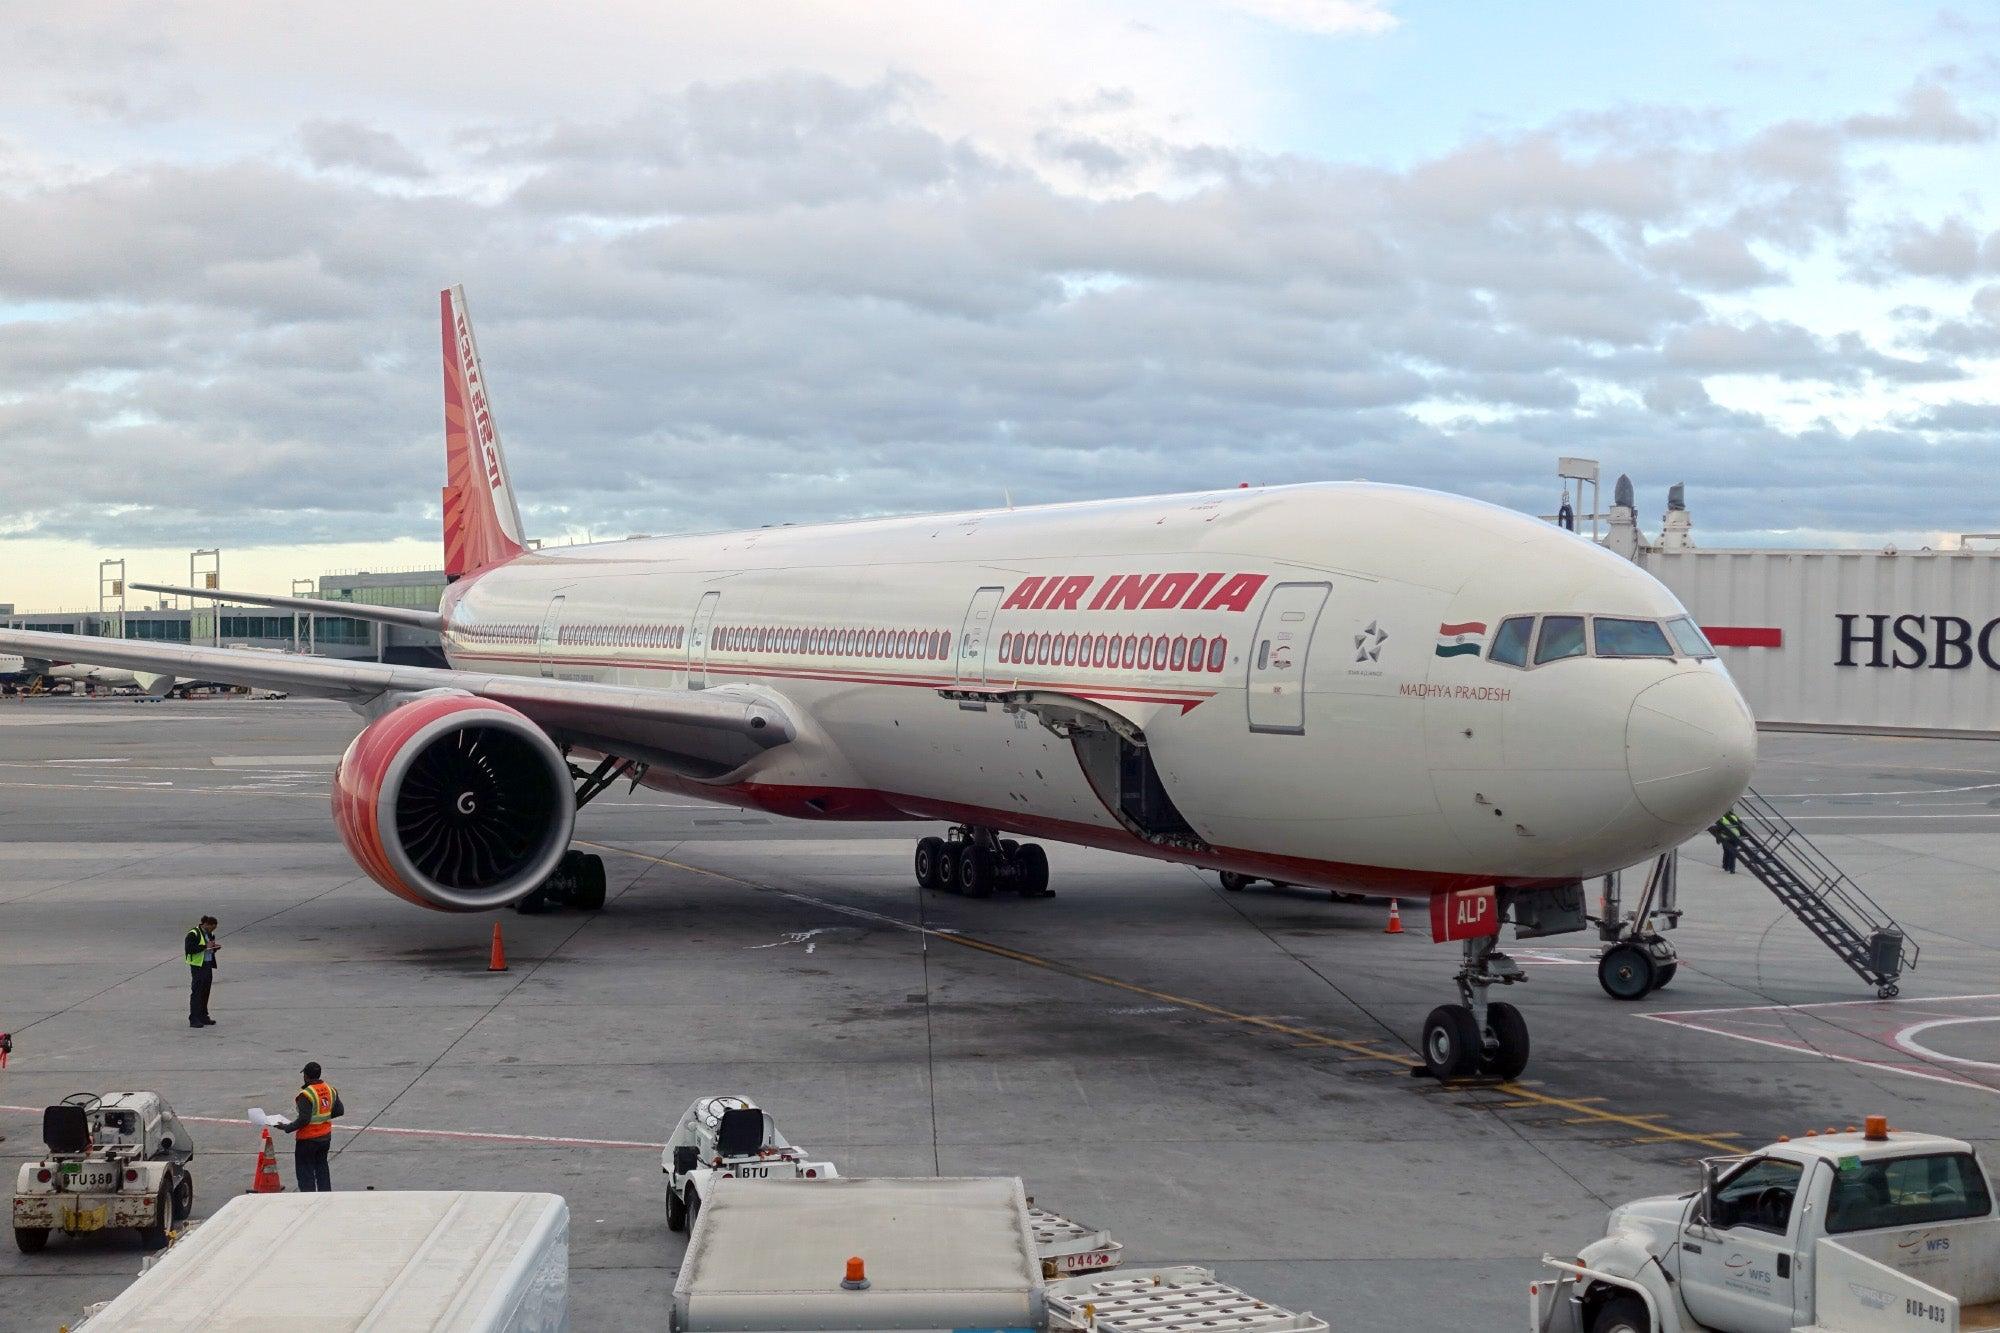 air india - photo #11